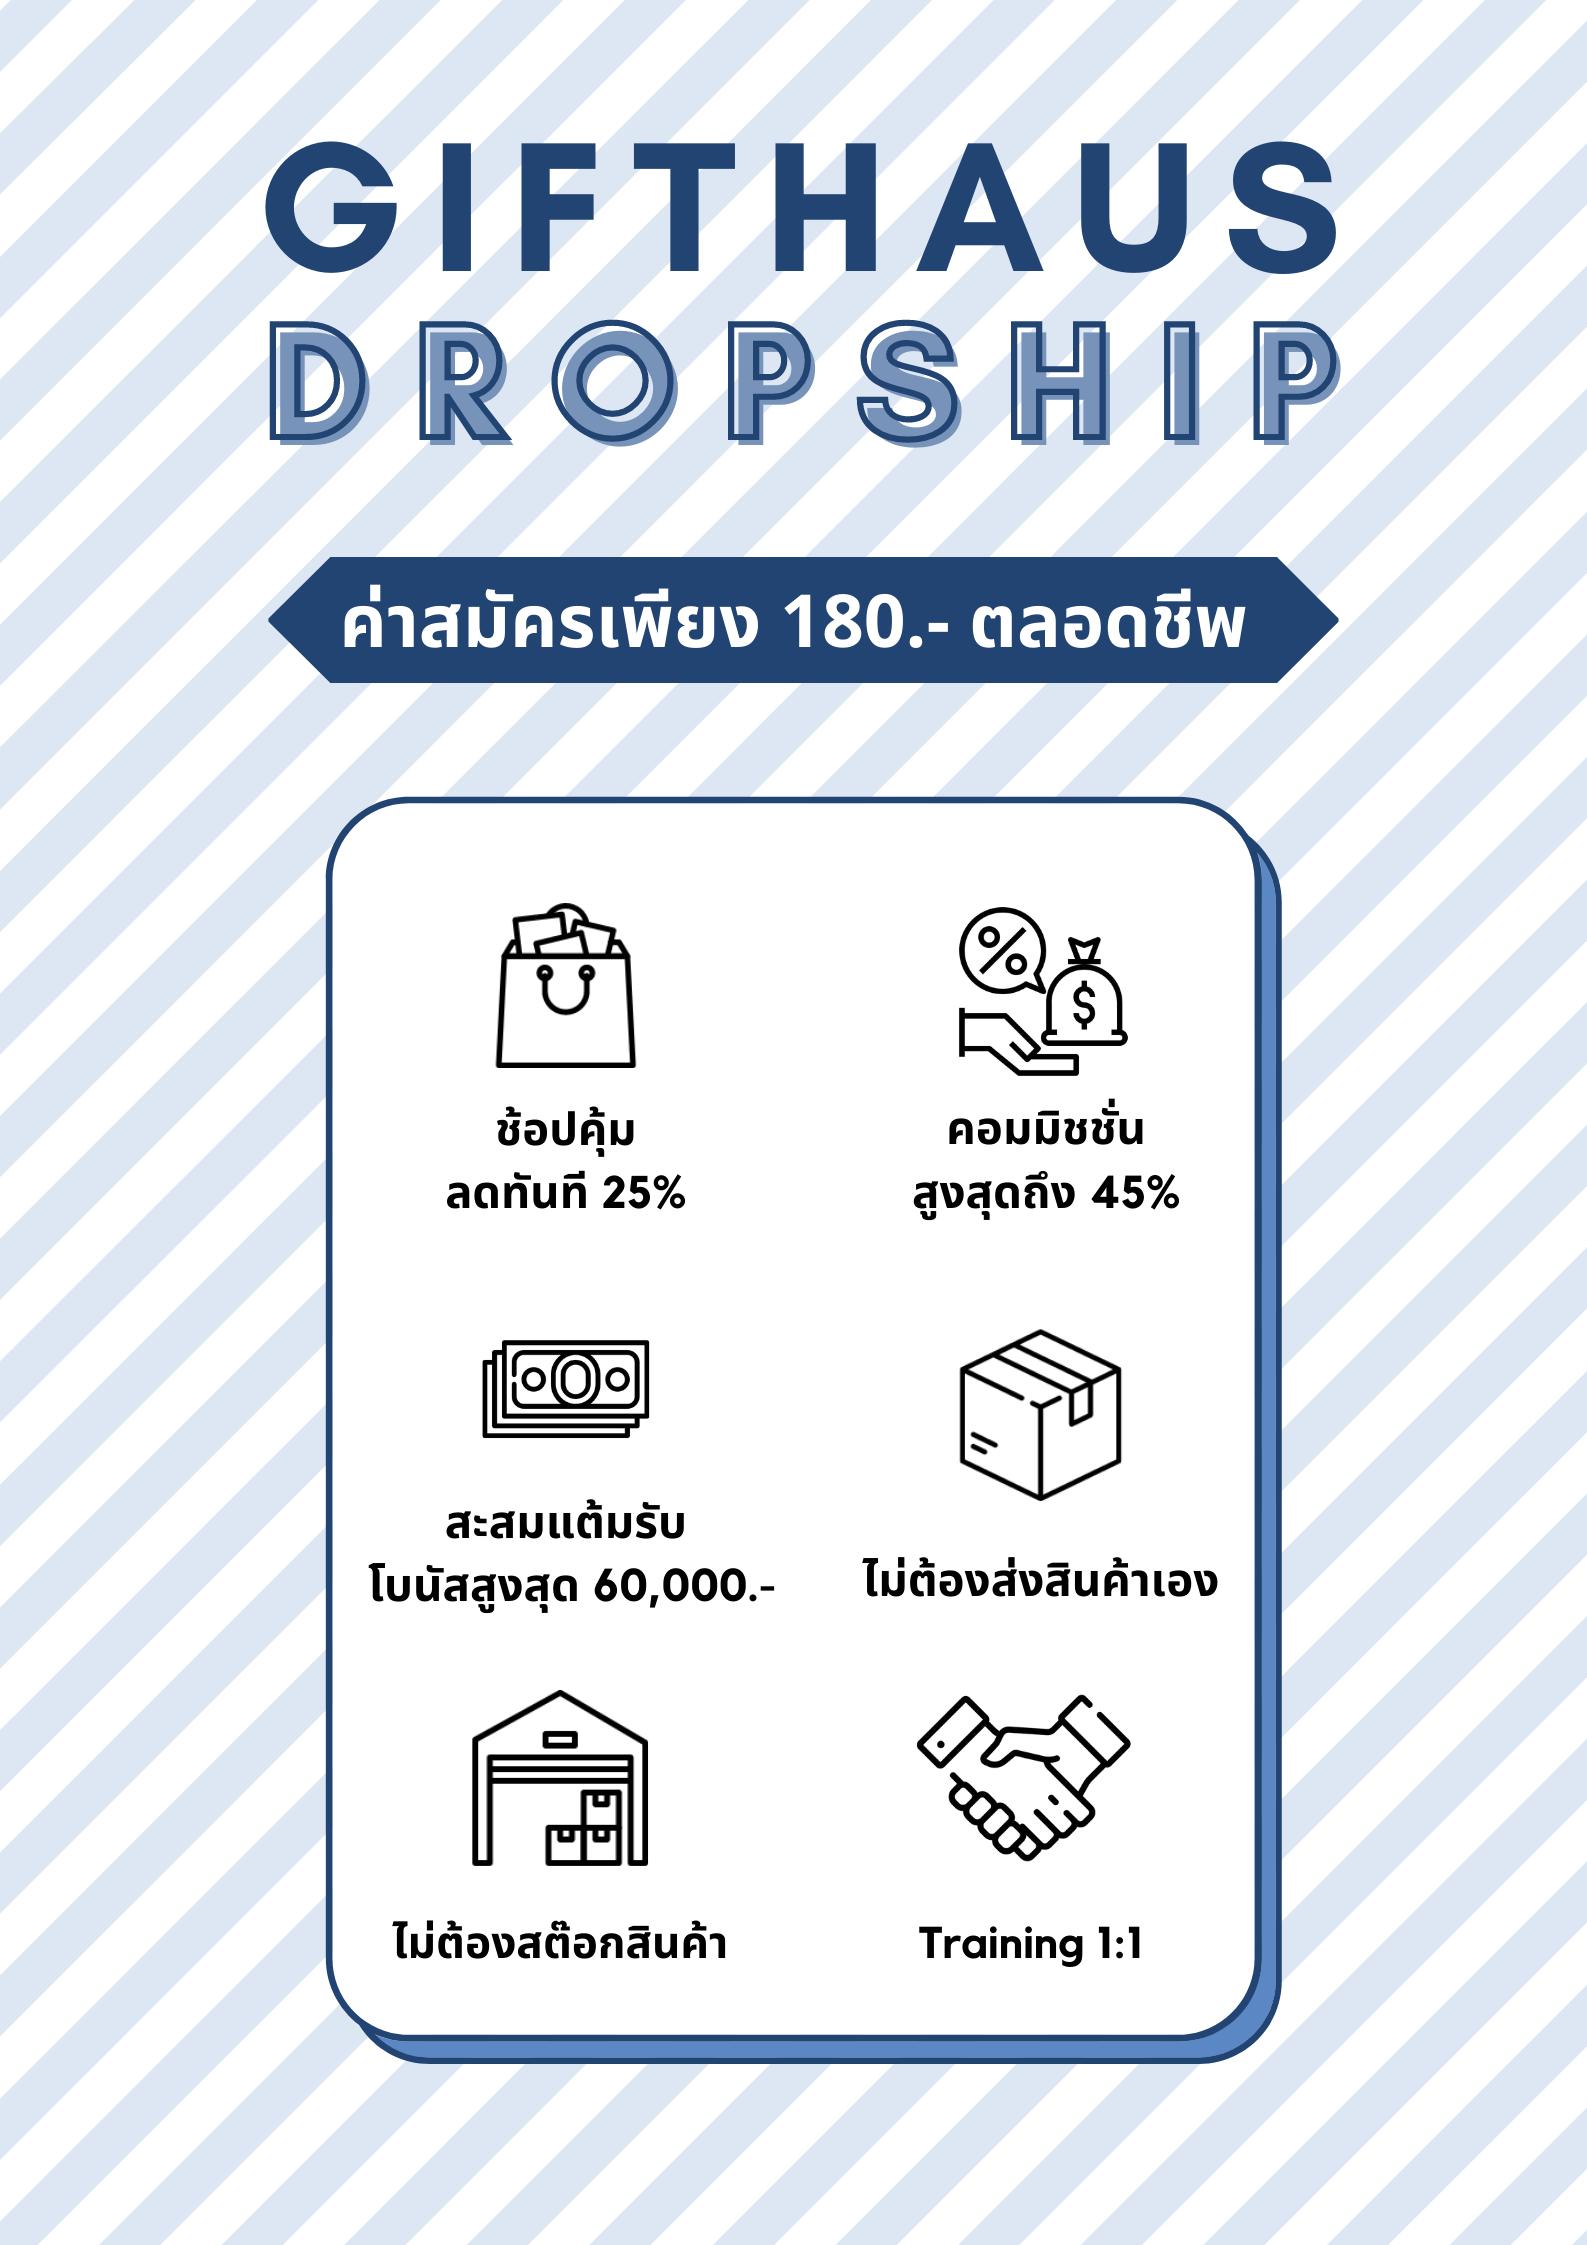 สมัครเป็นตัวแทนจำหน่ายกิฟฟารีน with Gifthaus Thailand